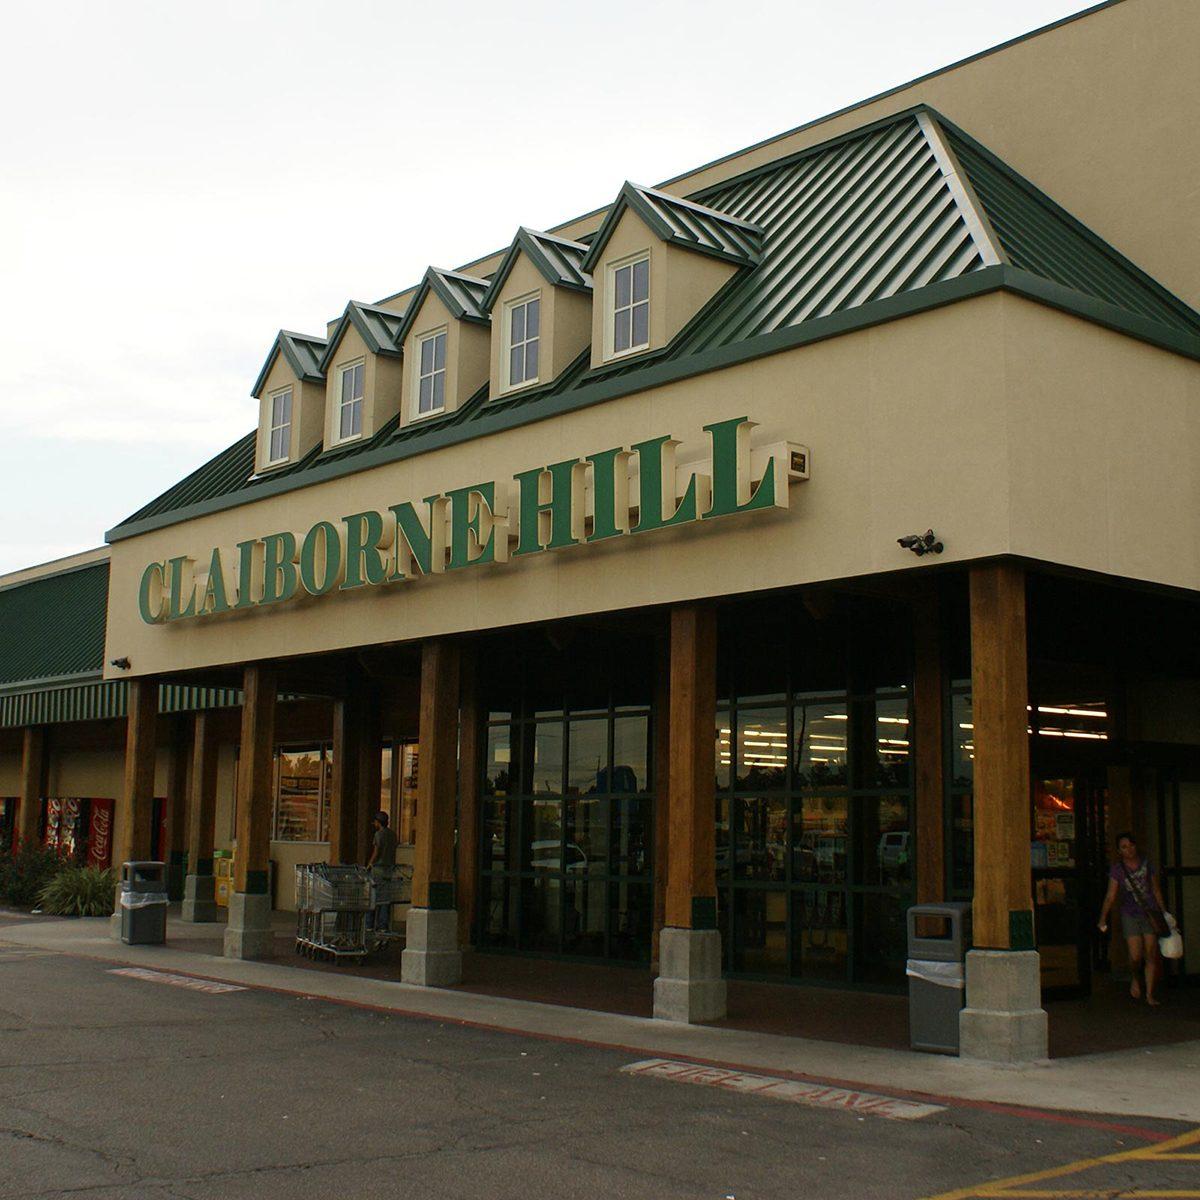 Claiborne Hills Supermarket